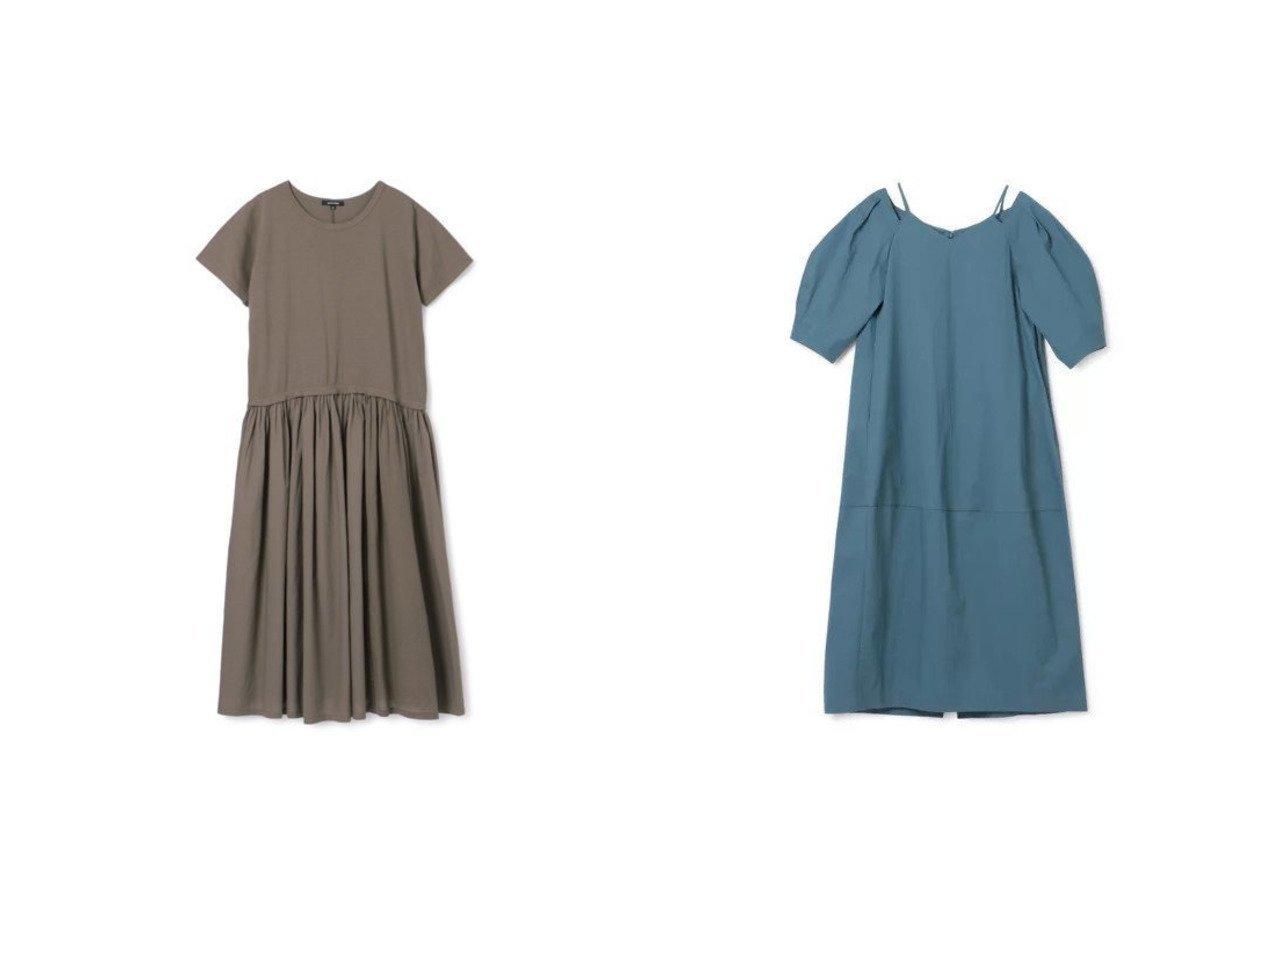 【pas de calais/パドカレ】の21SS布帛切り替えワンピース&【LE CIEL BLEU/ルシェル ブルー】のHeartNeckCocoonDress 【ワンピース・ドレス】おすすめ!人気、トレンド・レディースファッションの通販 おすすめで人気の流行・トレンド、ファッションの通販商品 インテリア・家具・メンズファッション・キッズファッション・レディースファッション・服の通販 founy(ファニー) https://founy.com/ ファッション Fashion レディースファッション WOMEN ワンピース Dress ドレス Party Dresses 2021年 2021 2021春夏・S/S SS/Spring/Summer/2021 S/S・春夏 SS・Spring/Summer ギャザー コンビ シンプル ストライプ ドッキング ロング 半袖 洗える 無地 コクーン デコルテ フェミニン ラップ |ID:crp329100000046229